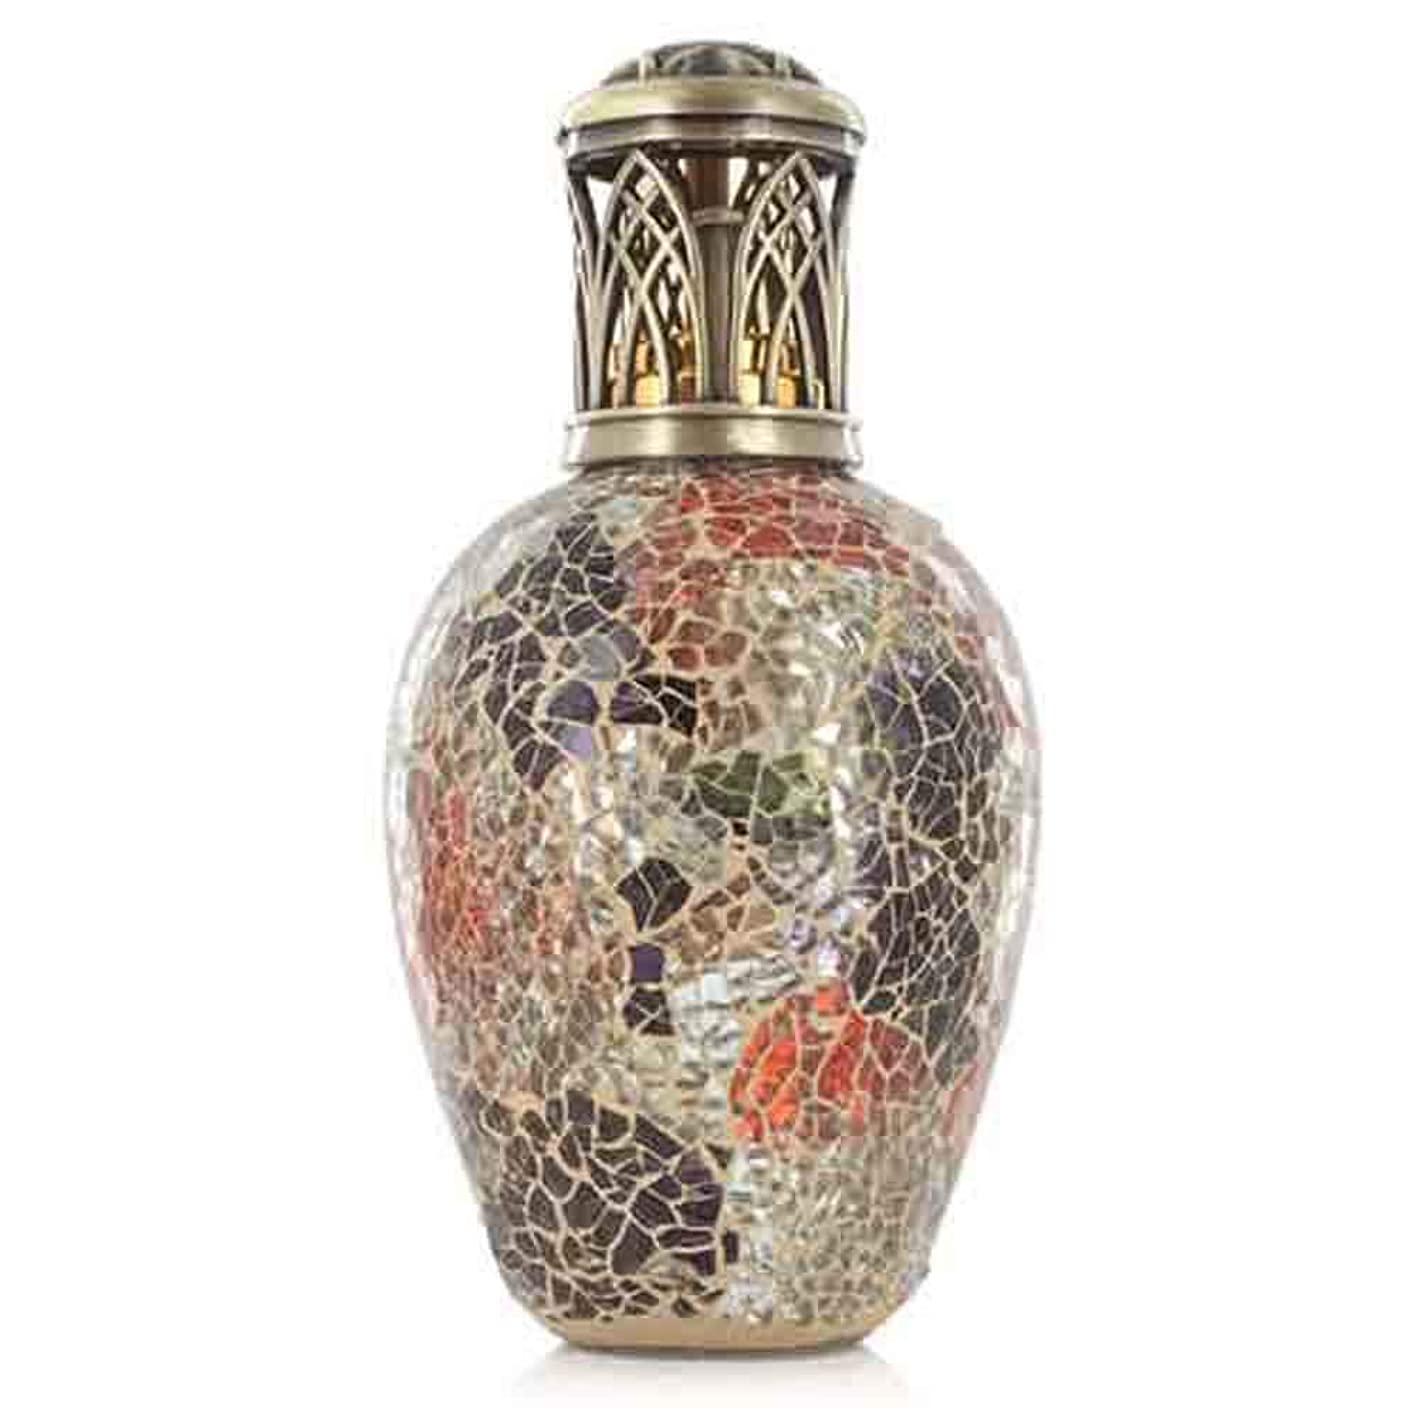 横に流行不安Ashleigh&Burwood フレグランスランプ L エンペラーオブマーズ FragranceLamps EmperorofMars アシュレイ&バーウッド